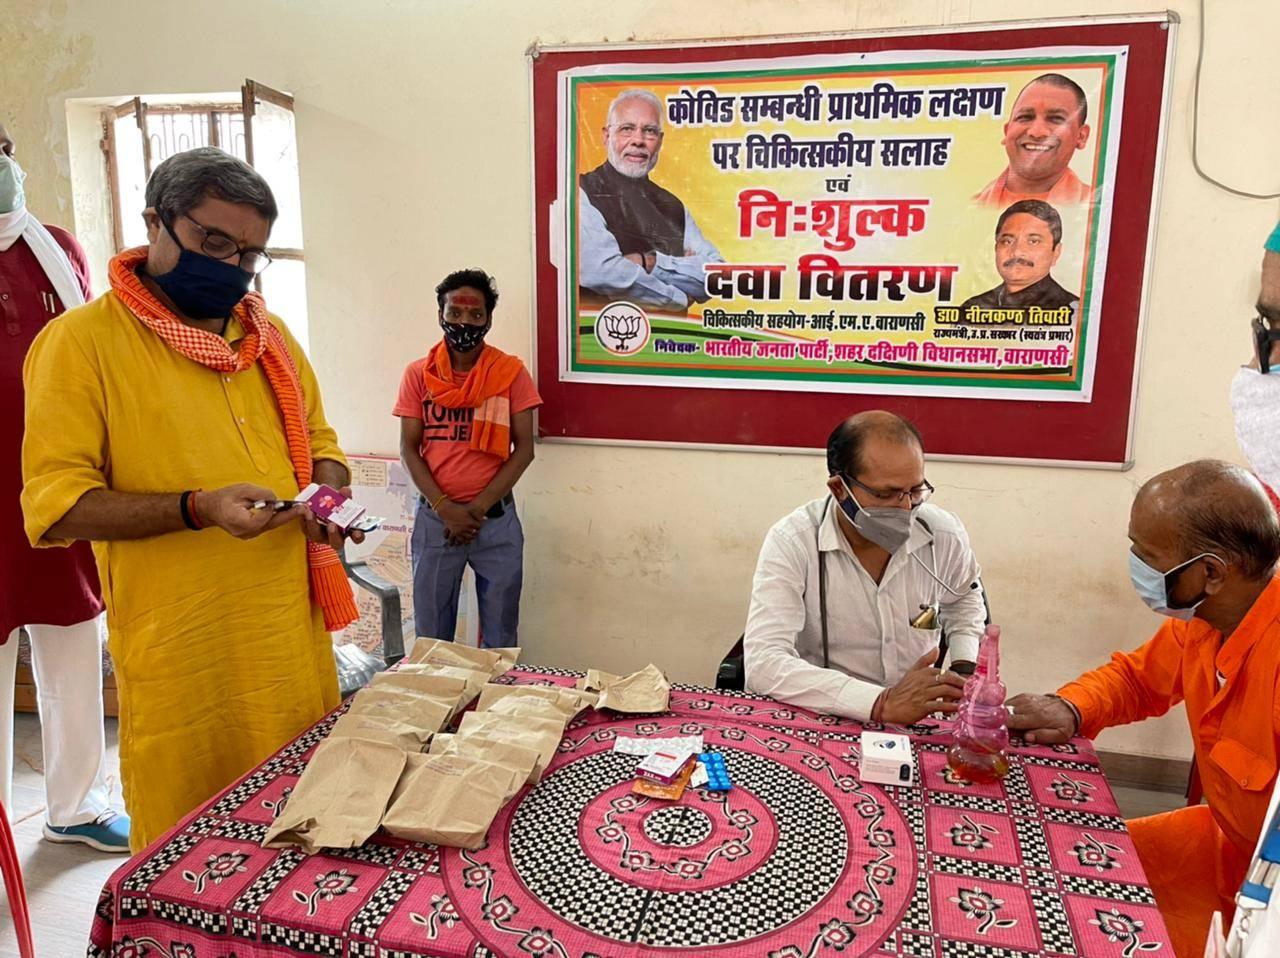 मंत्री नीलकंठ तिवारी के प्रयासों से भाजपा के नीचीबाग कार्यालय पर शुरू हुआ कोविड चिकित्सा परामर्श केंद्र